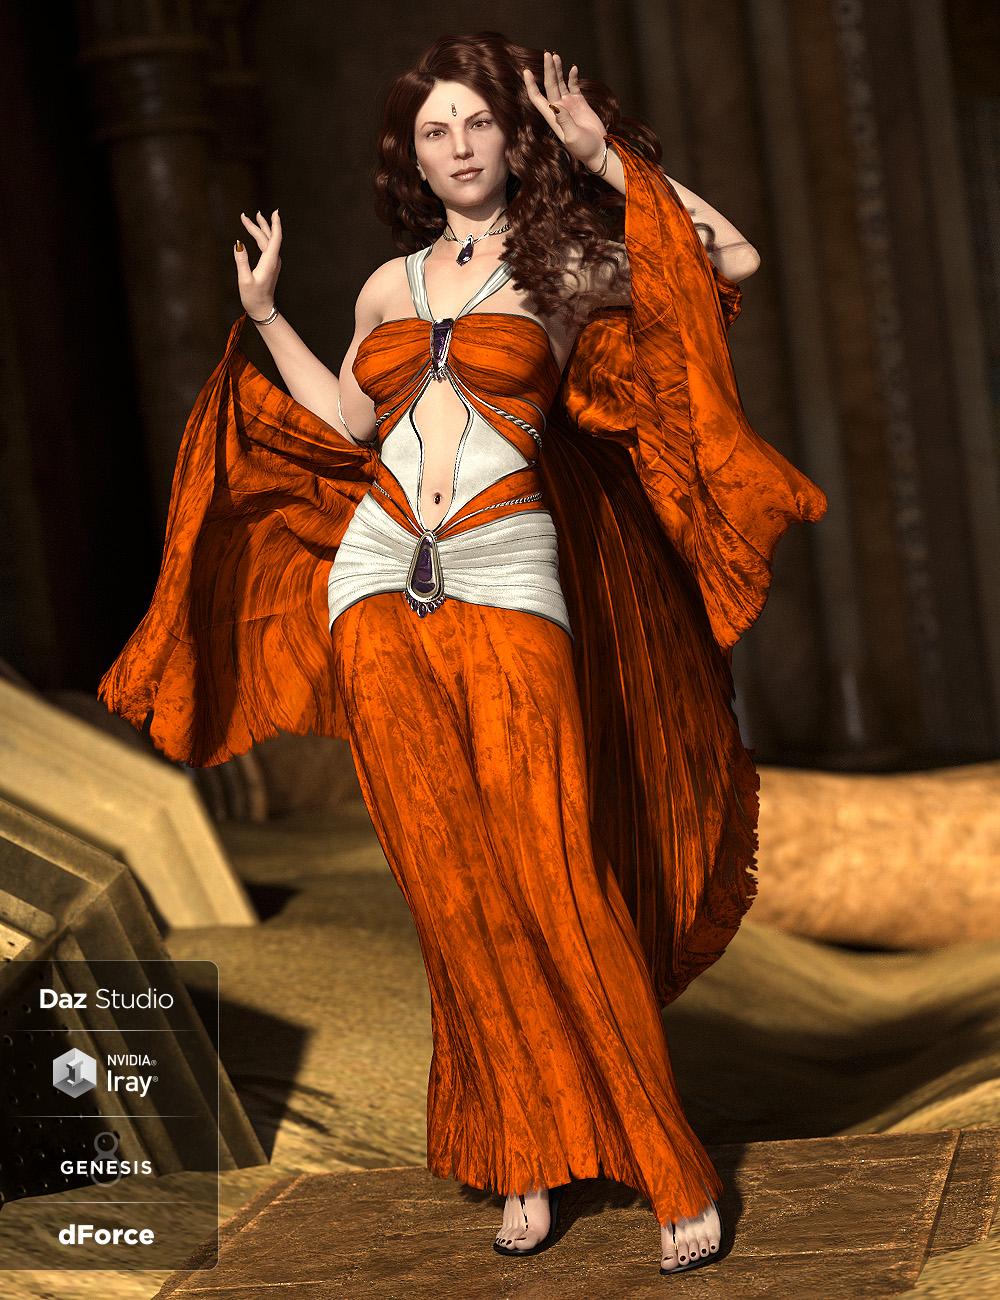 dForce Shadowdancer Addon for Genesis 8 Female(s) by: ArkiShox-Design, 3D Models by Daz 3D